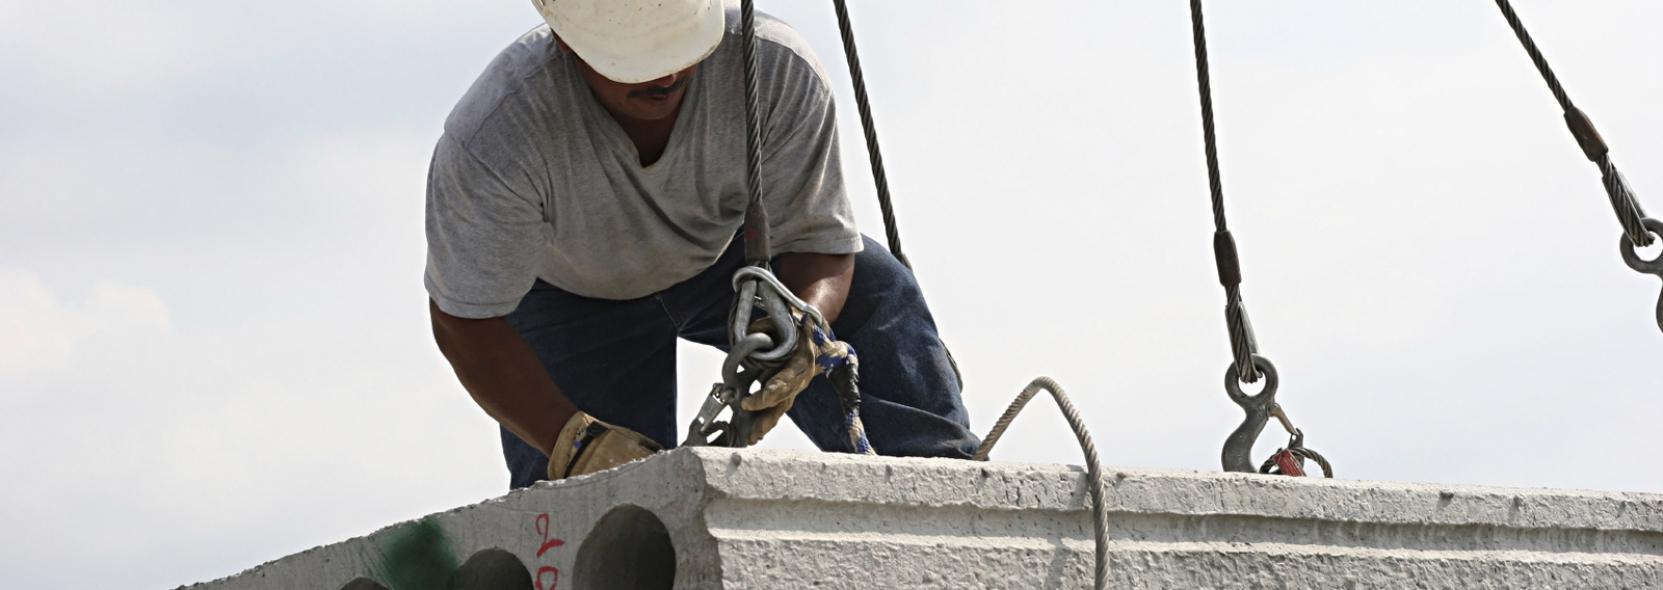 Bauarbeiter der Aridbau GmbH beim Sichern eines Bauträgers